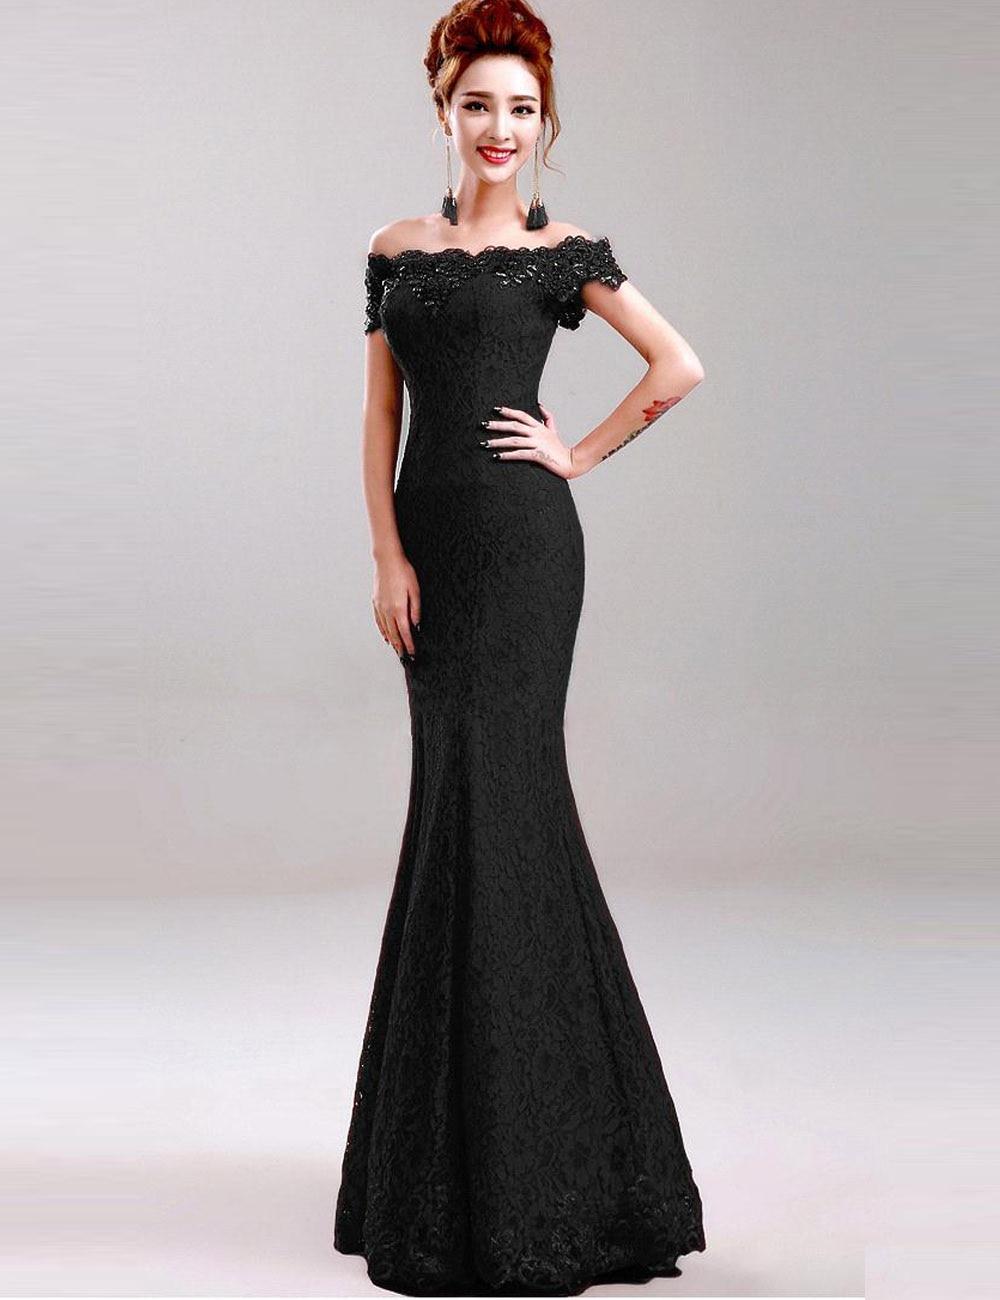 off the shoulder formal dresses - Dress Yp